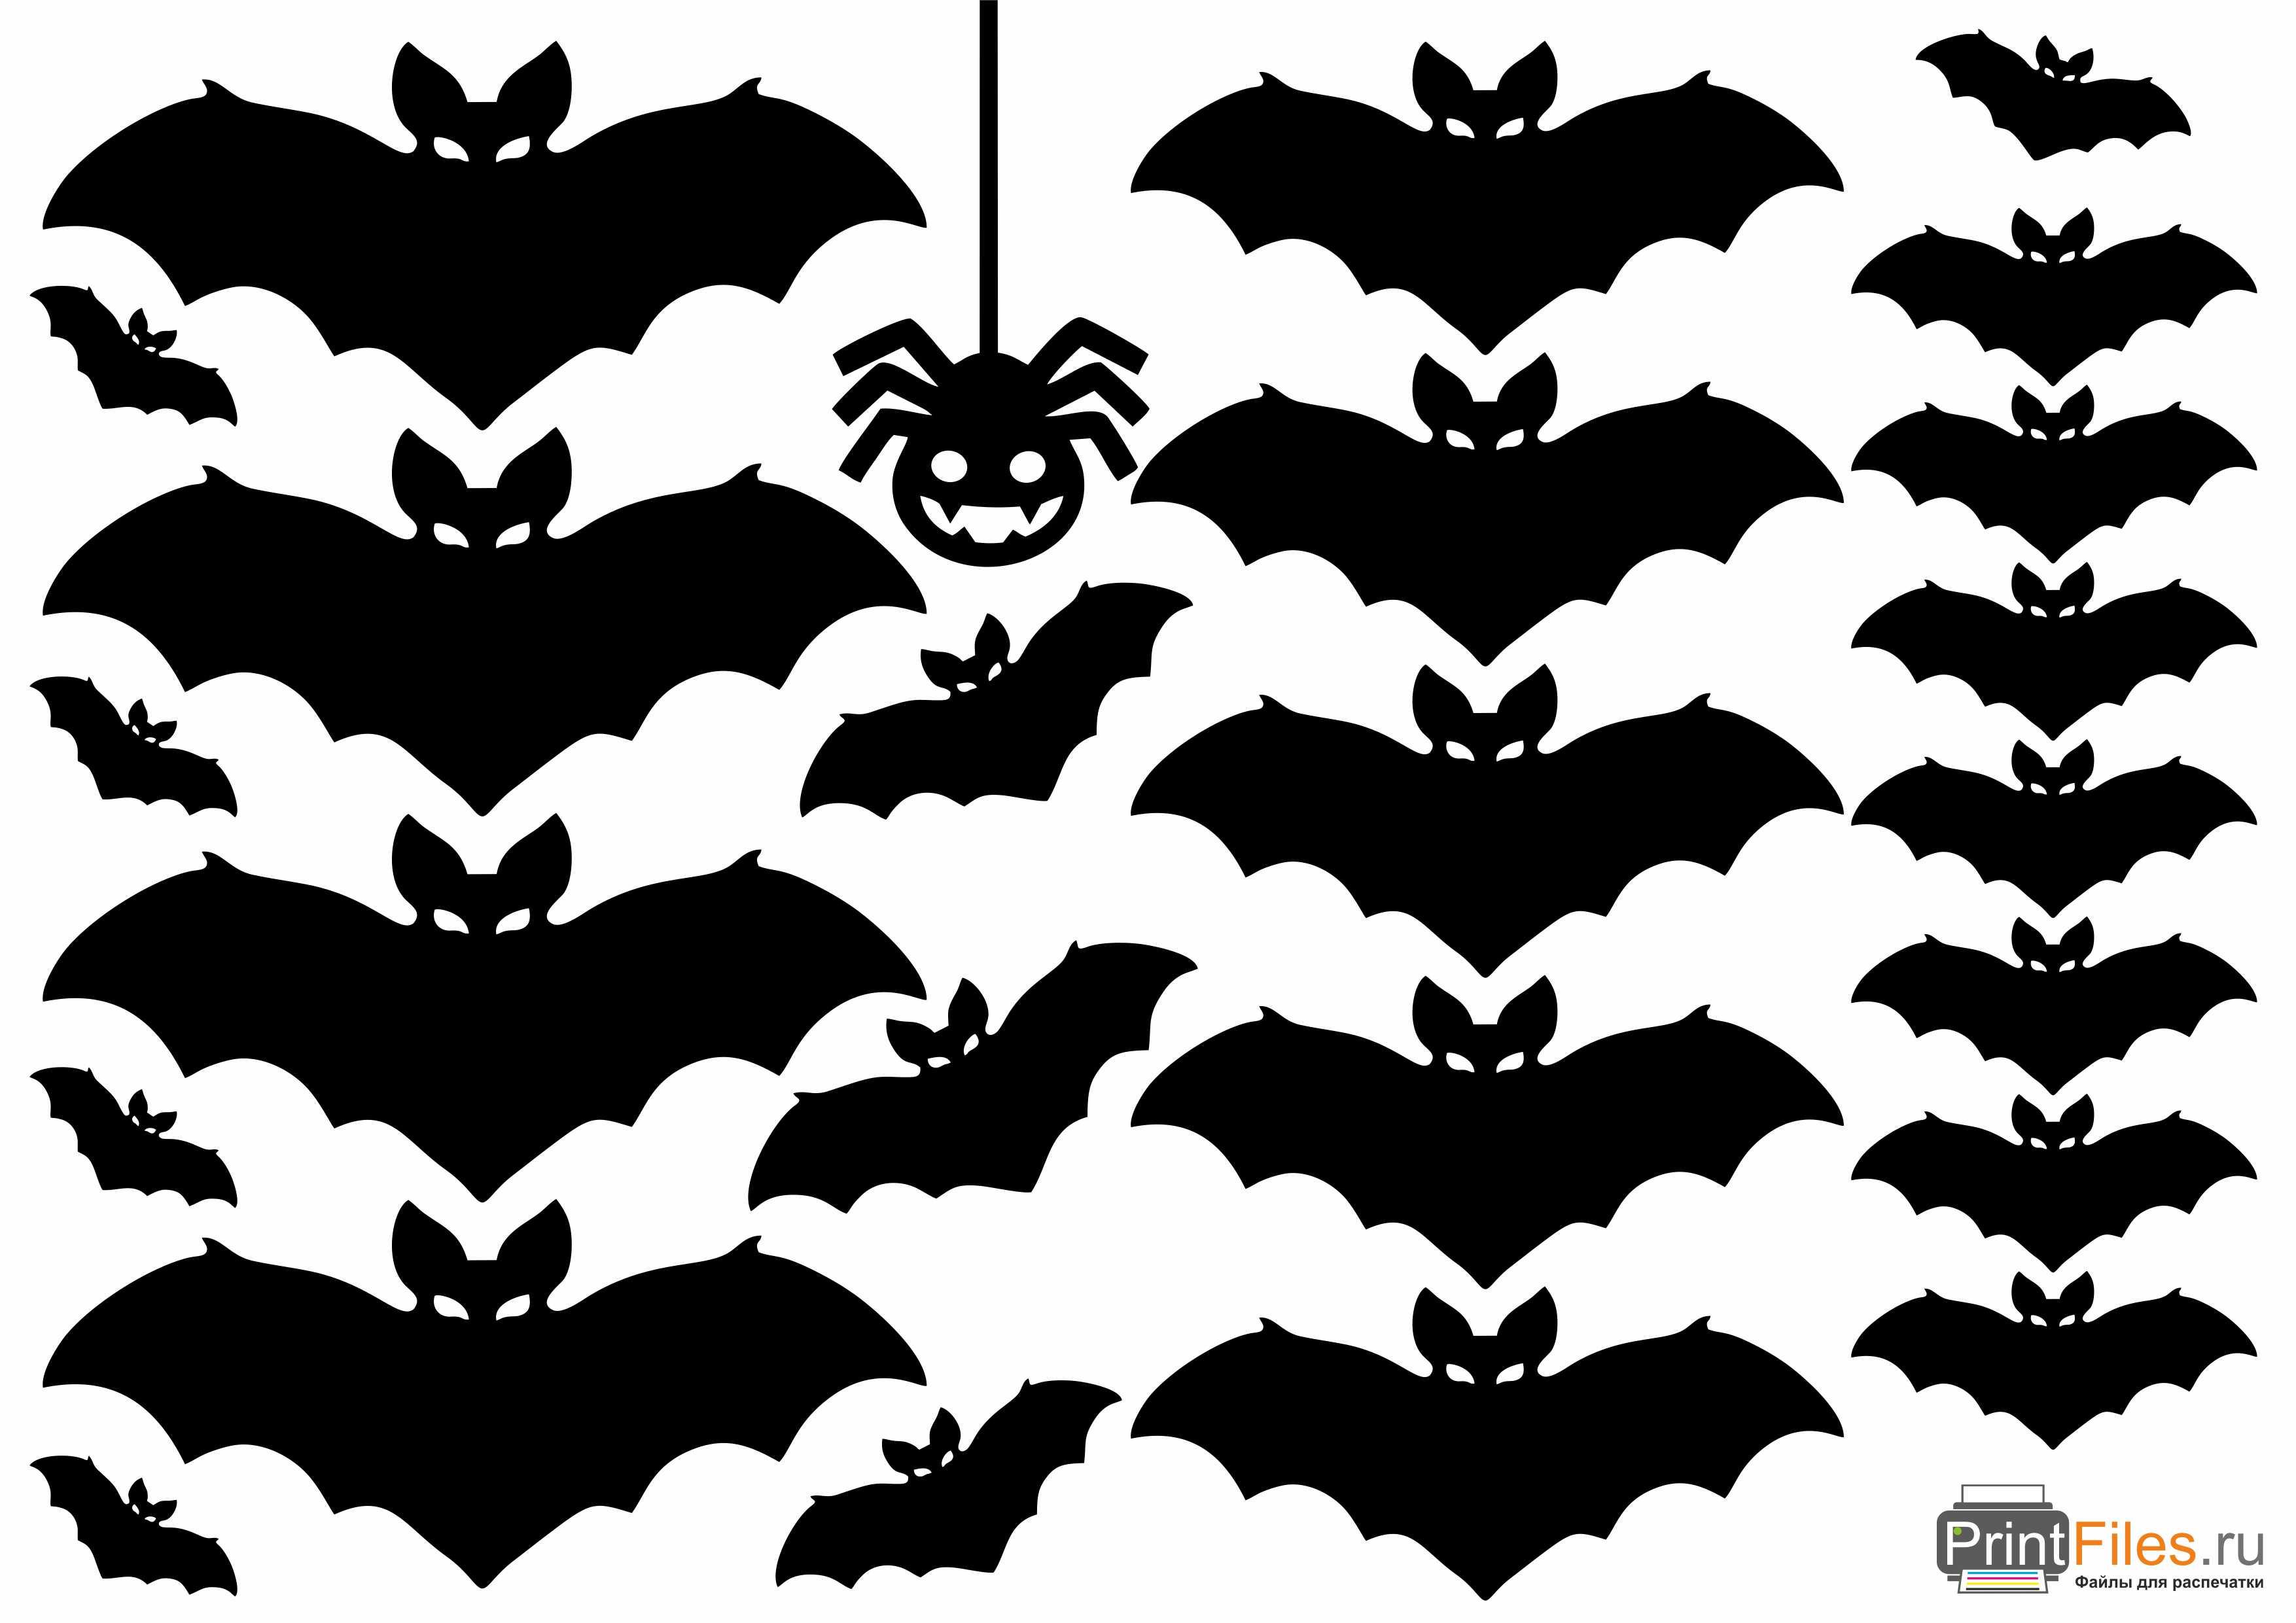 болезни шаблоны летучих мышей на хэллоуин может